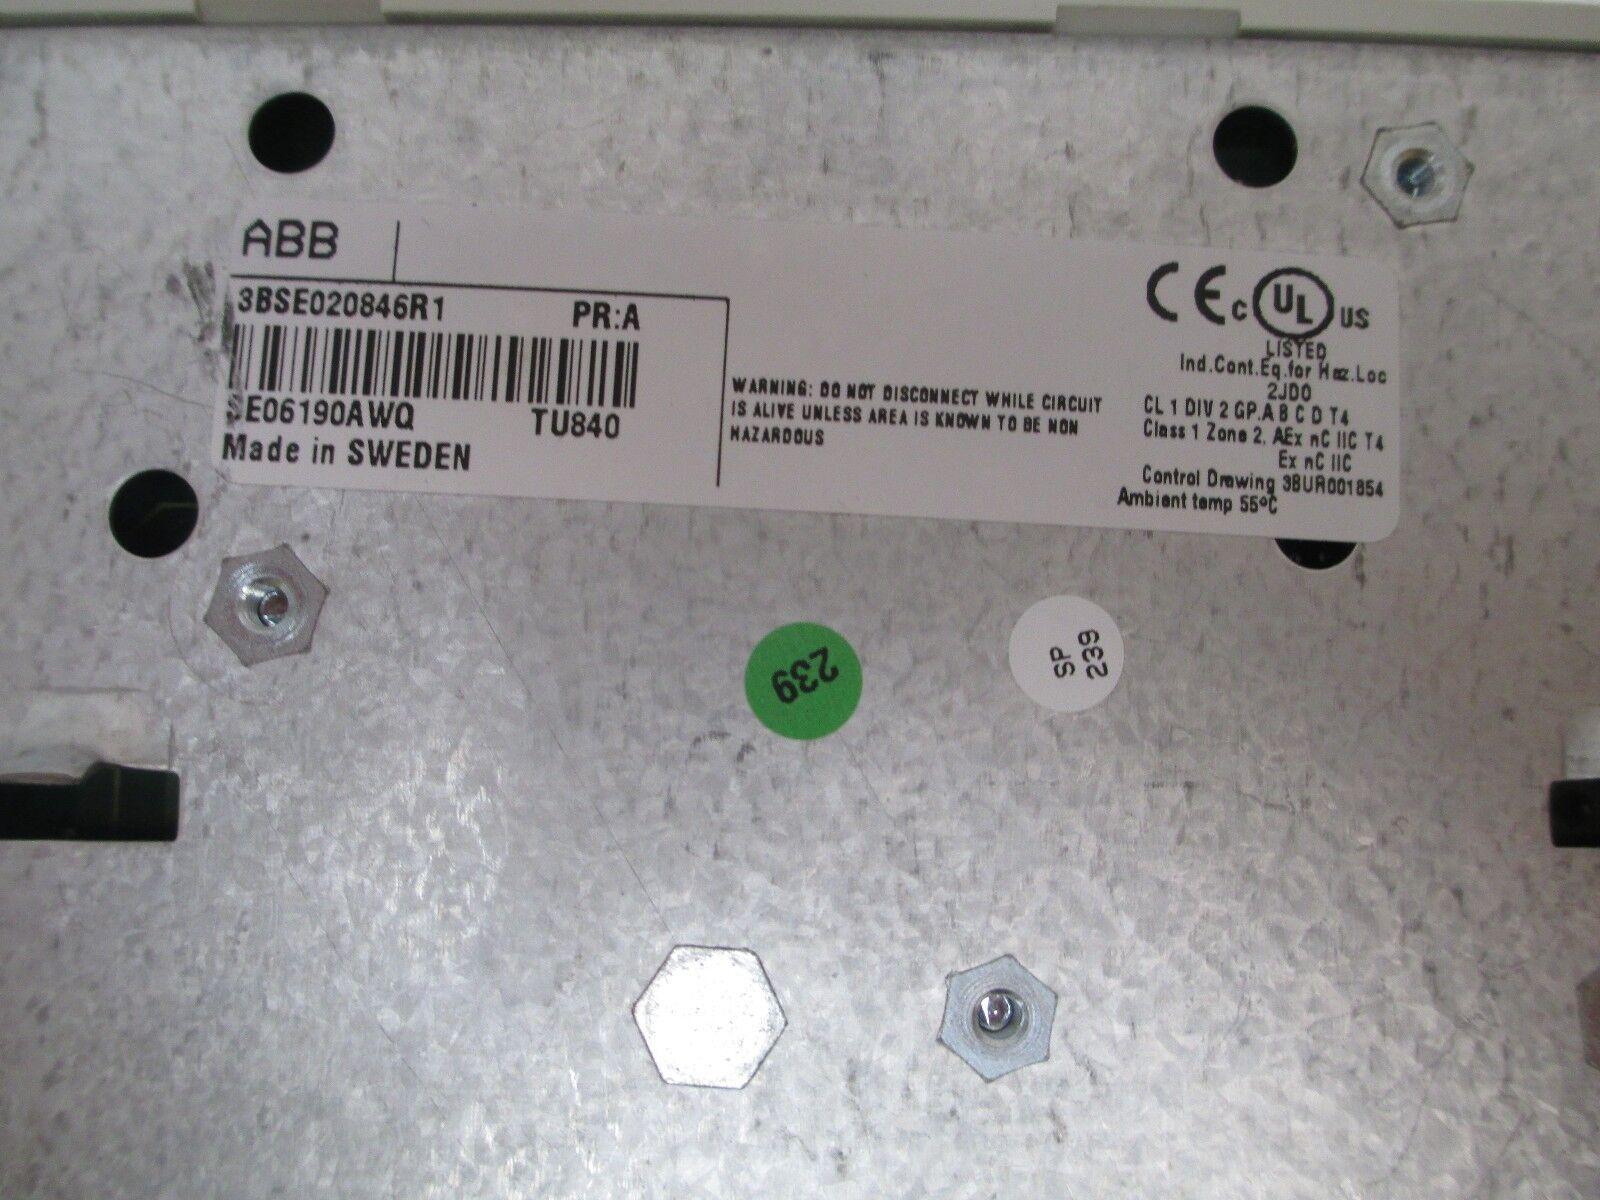 ABB MOUNTING BASE 3BSE020846R1 TU840 PR-A